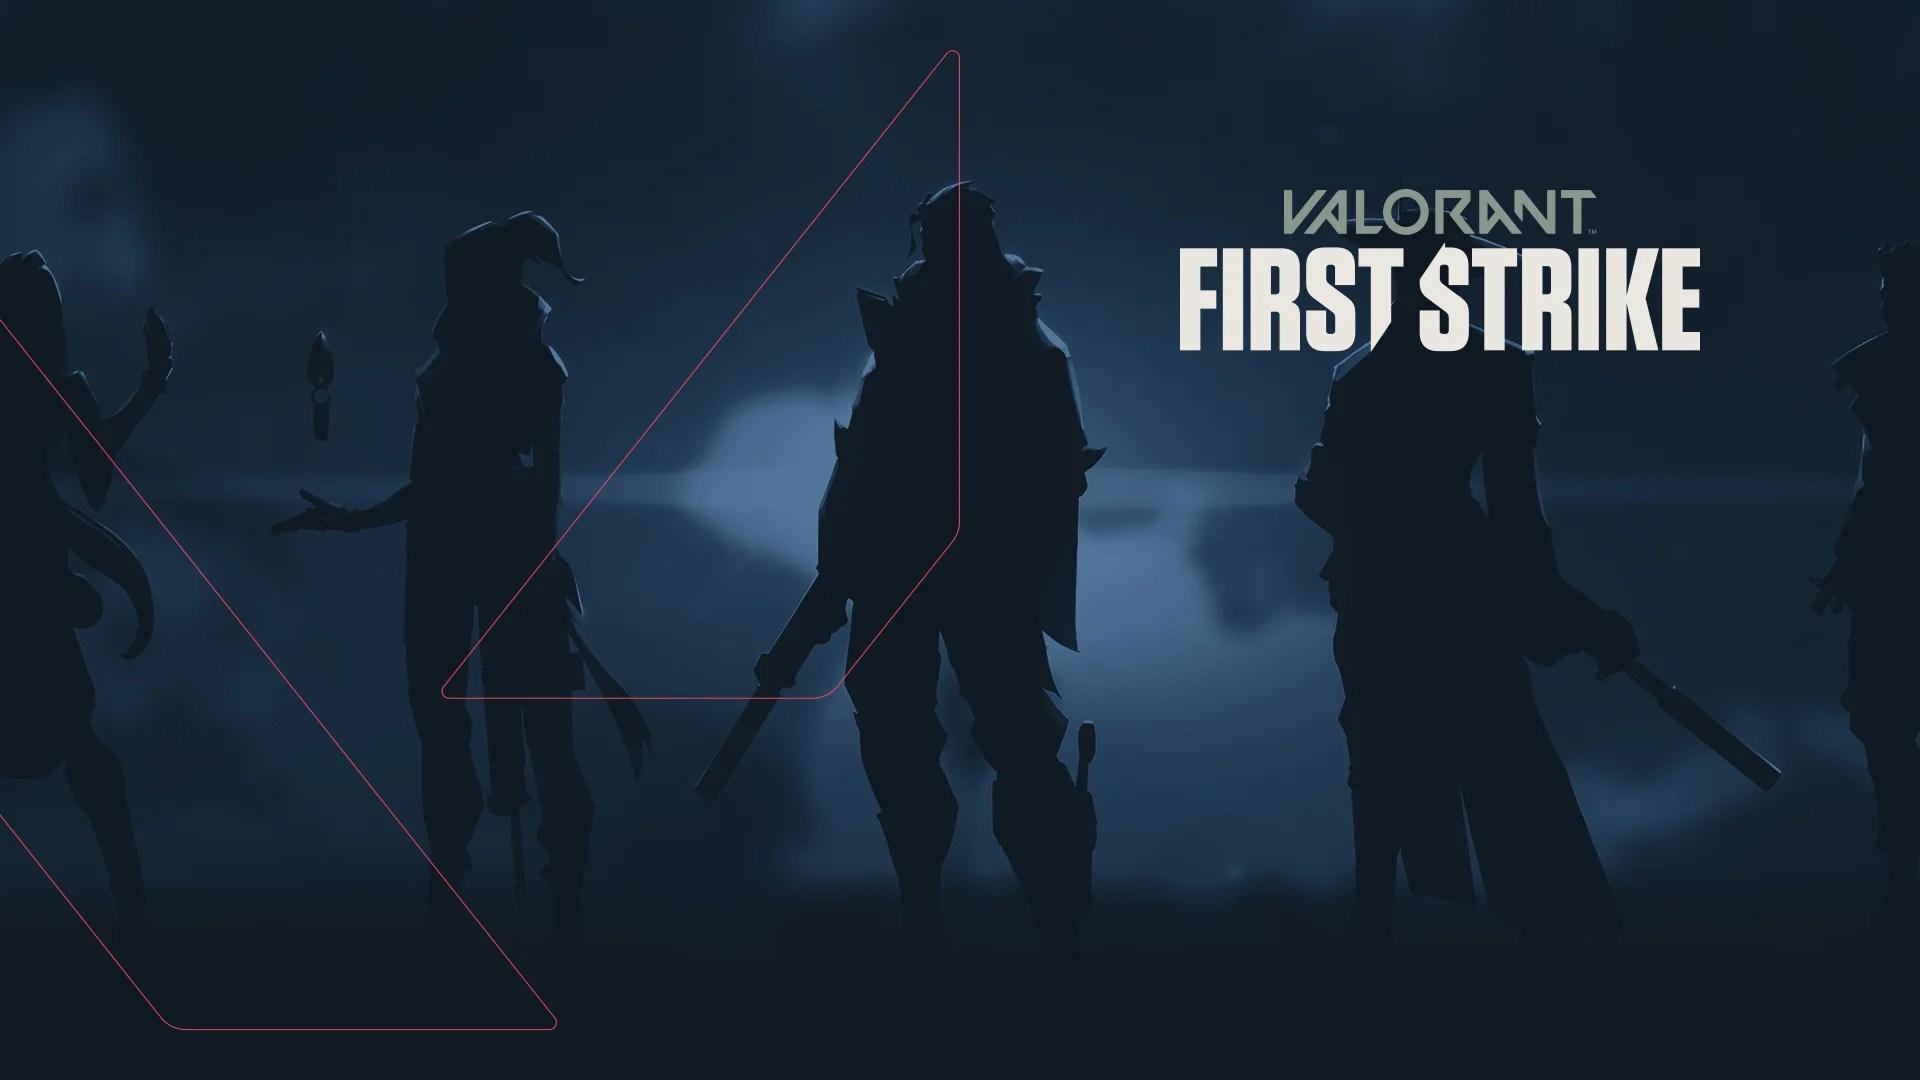 【VALORANT】『FIRST STRIKE-JAPAN』の予選が11/14よりスタート。優勝賞金500万円、最大128チーム参加など、詳細な内容について公式が情報を公開【ヴァロラント】